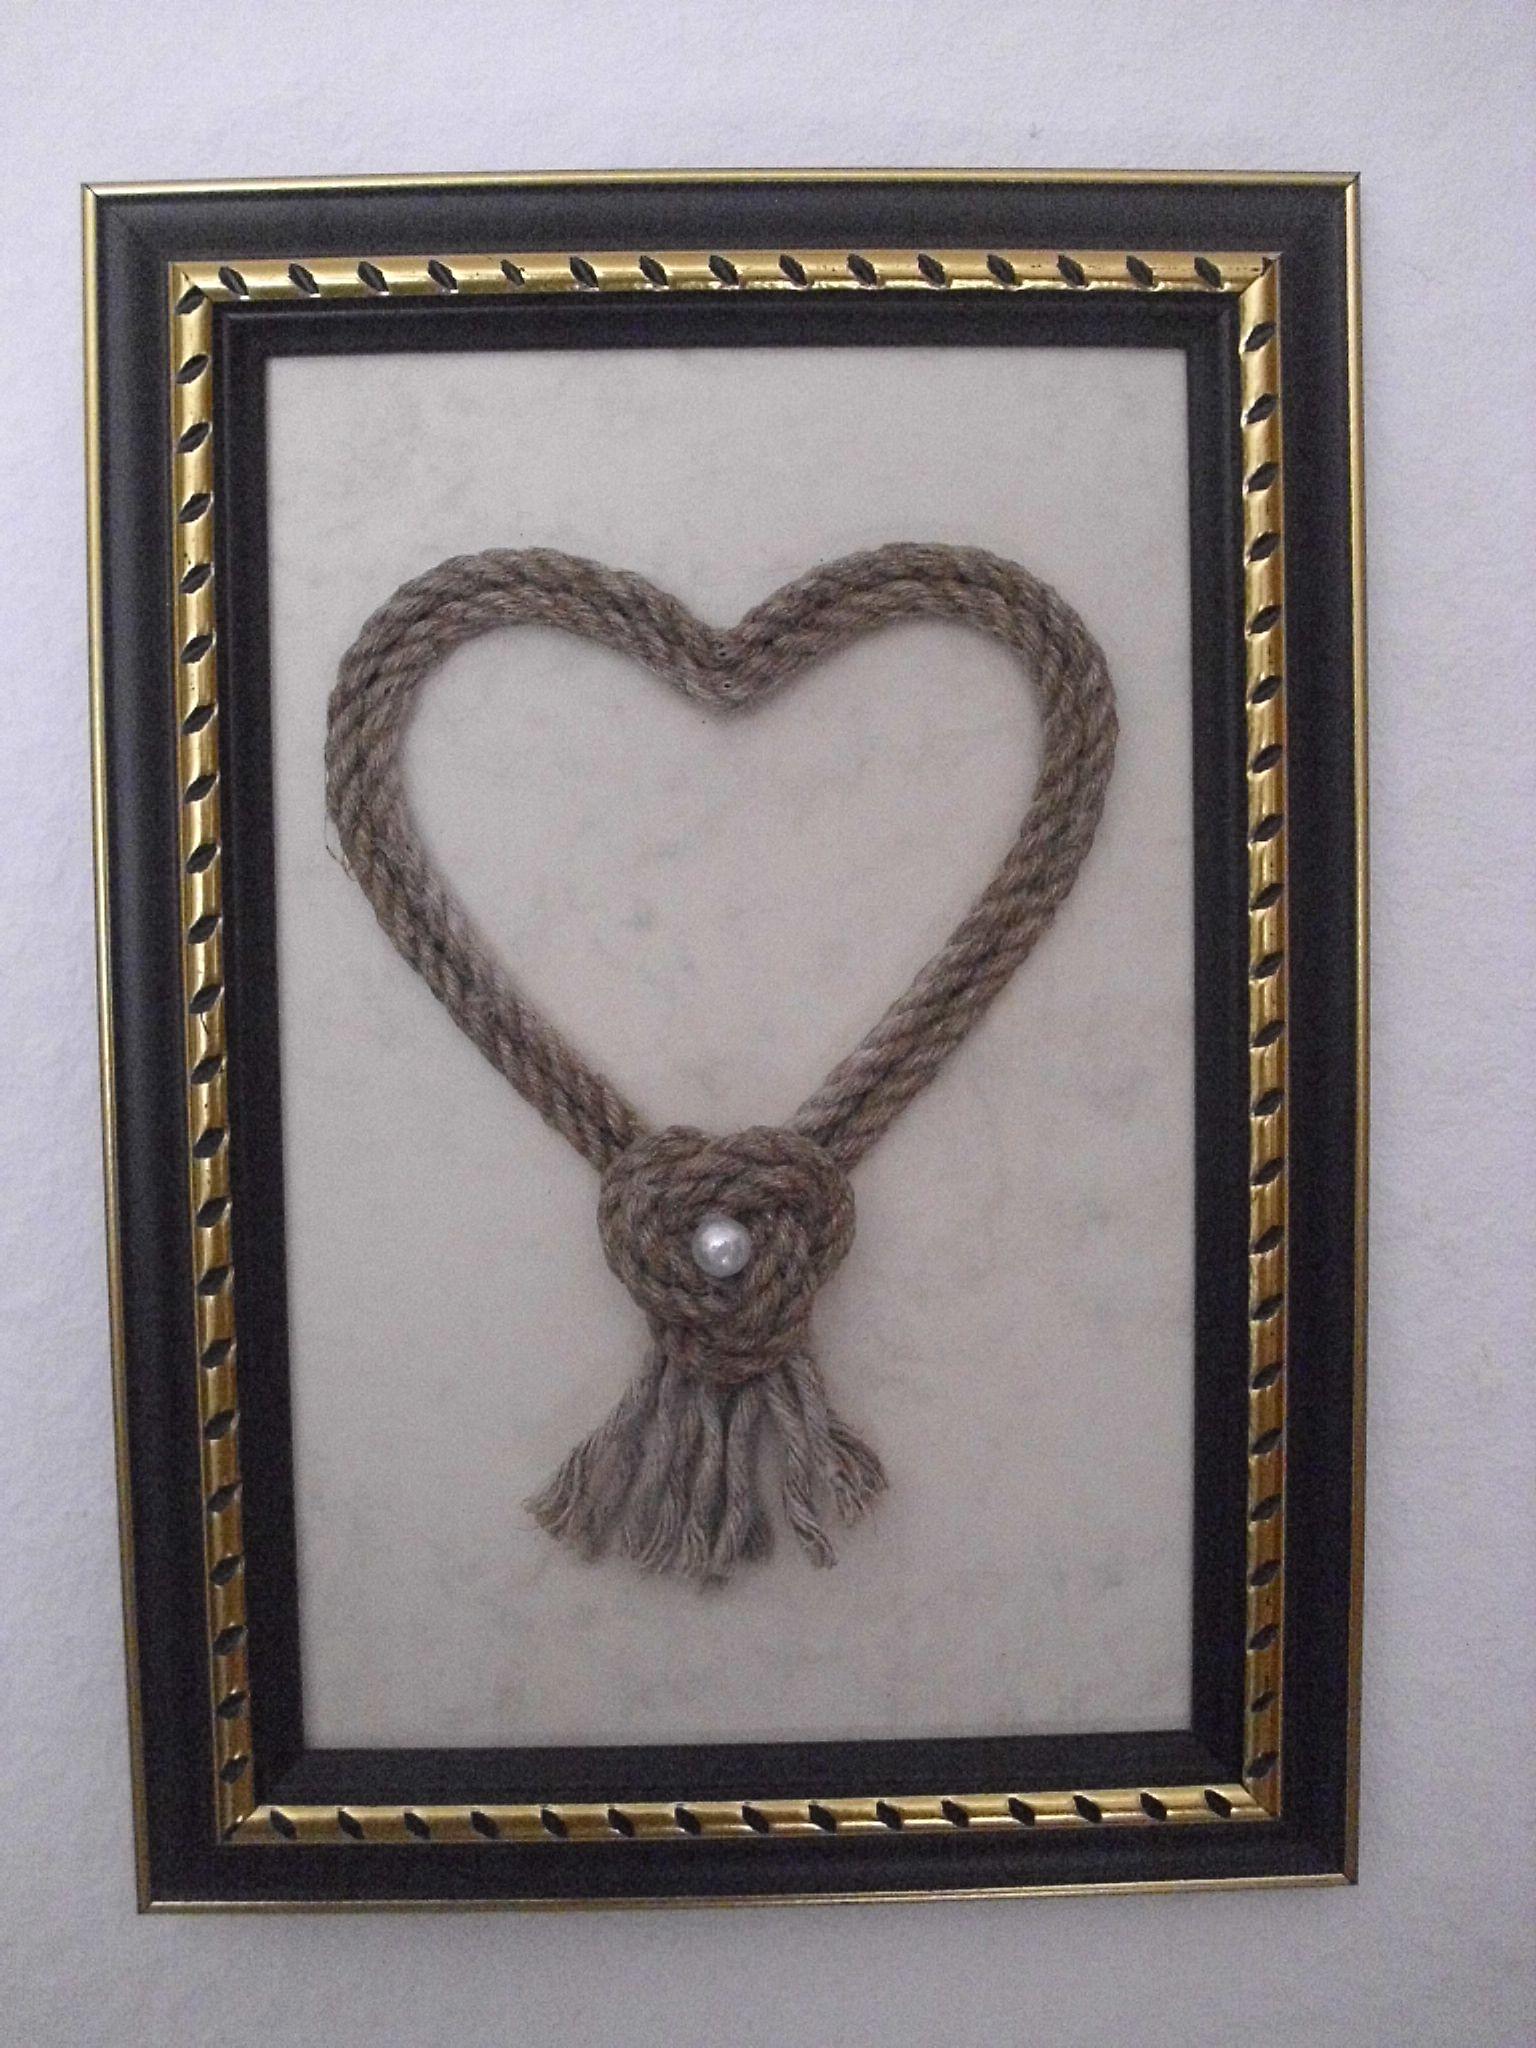 HERZ mit türkischem Bund und Kunstperle, gerahmt, ca. 13 x 18 cm, zum Beschriften geeignet, 12,95 €; Best.Nr. 010